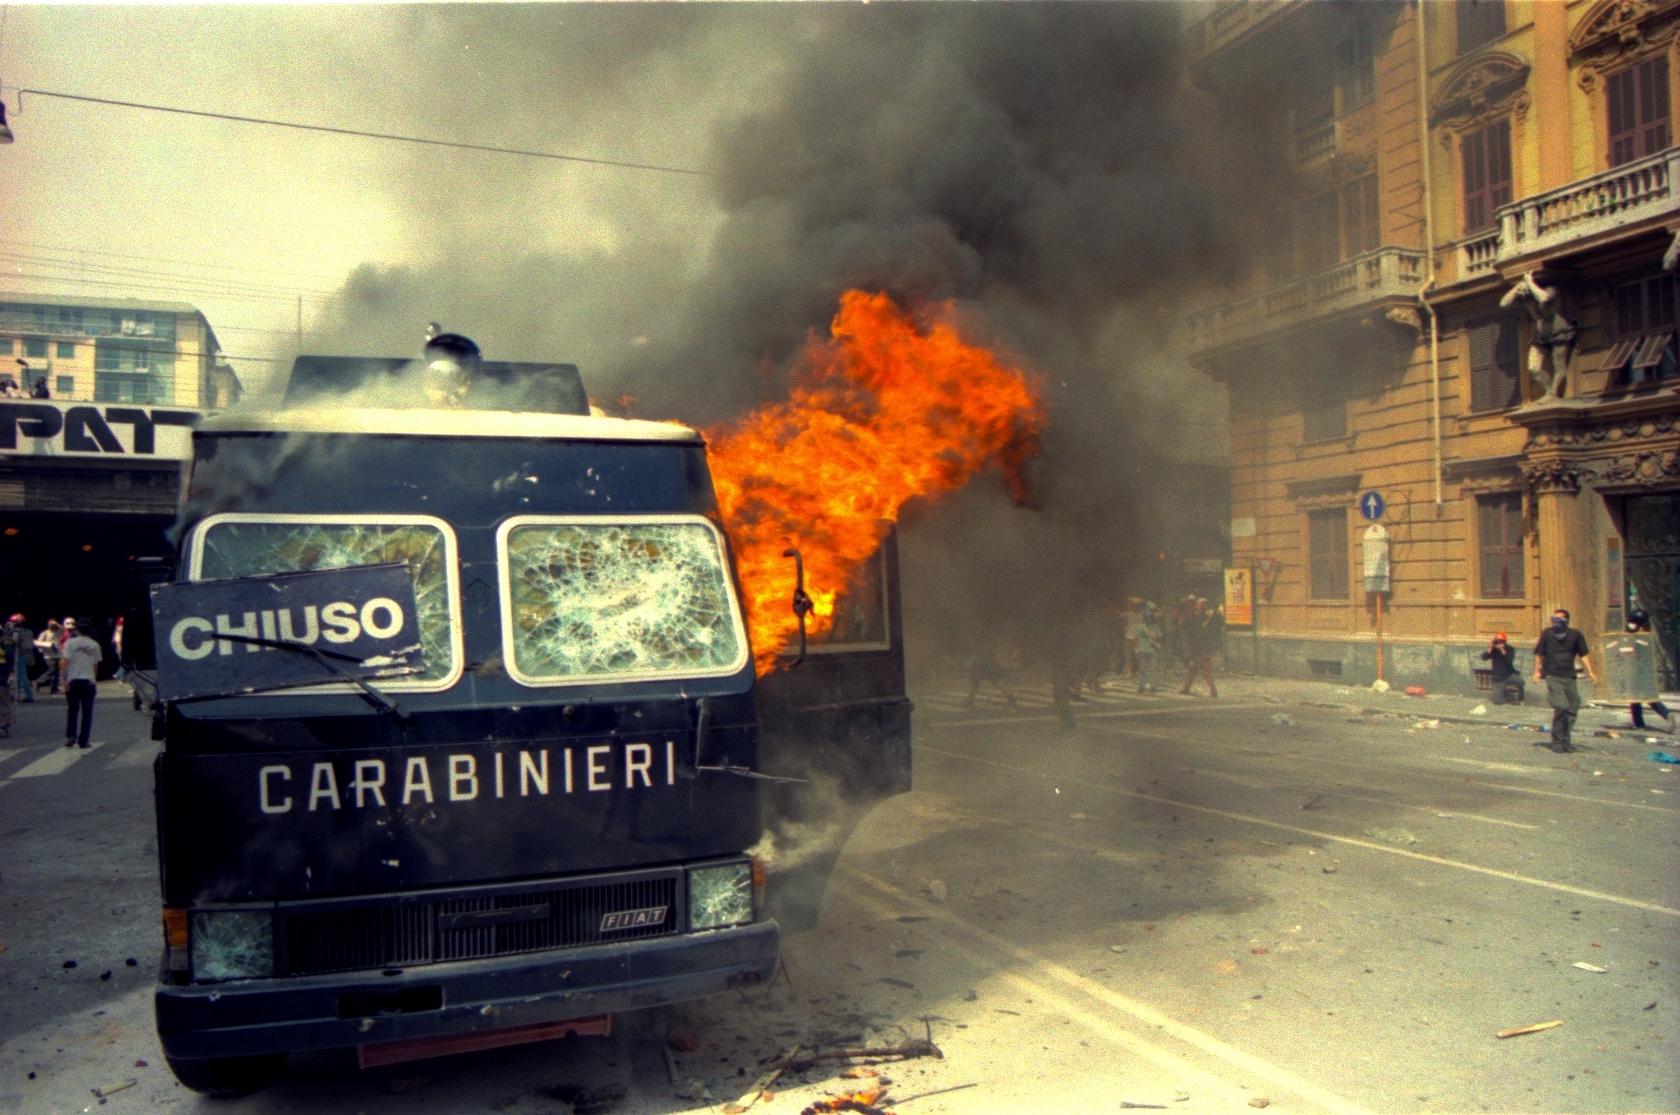 La Vena Artistica Genova genova 10 anni dopo, un racconto di prospettiva | aquiestoy